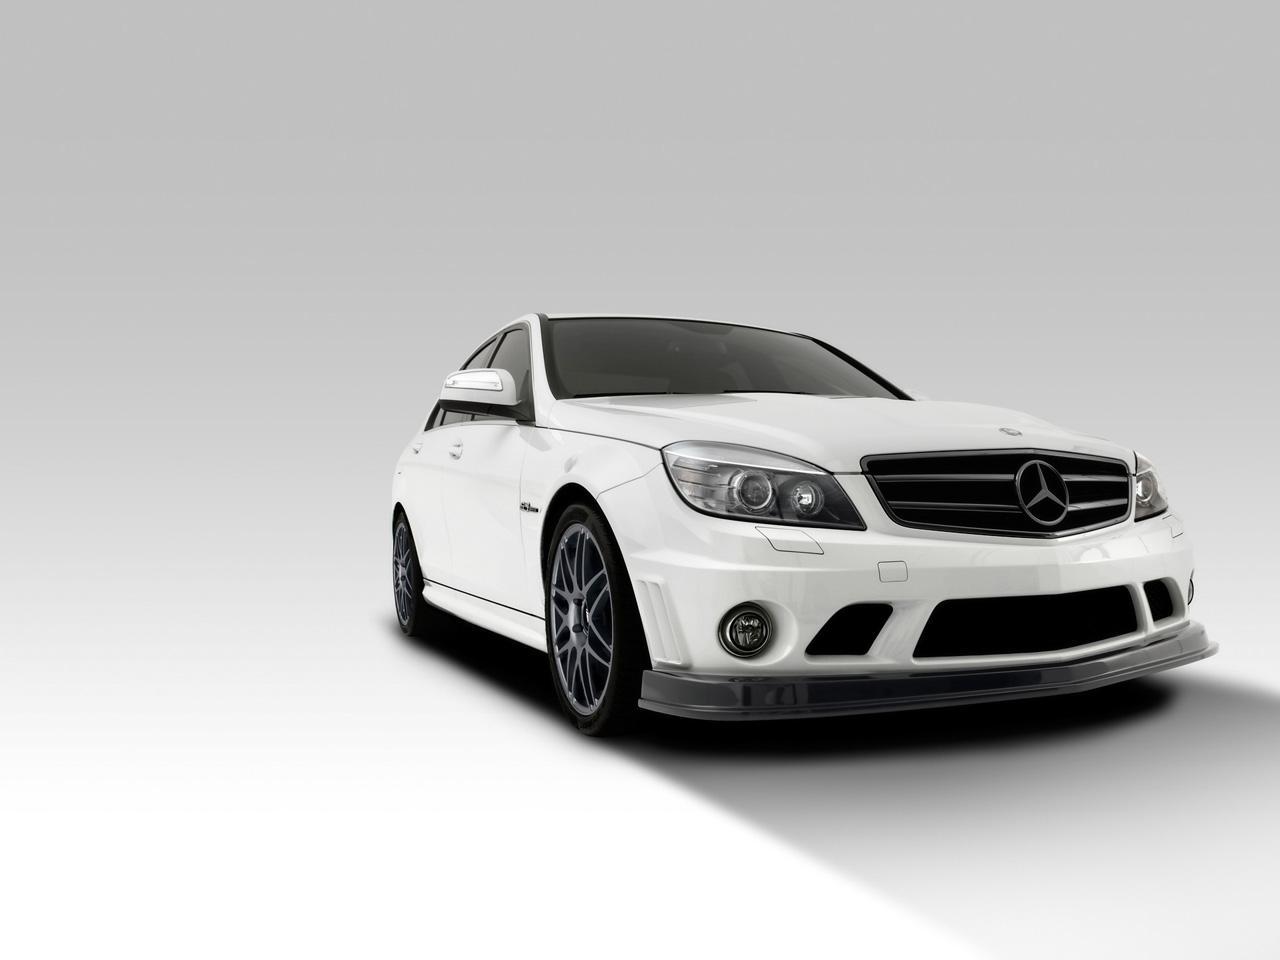 2010 vorsteiner mercedes benz c63 amg aero package for Mercedes benz c63 amg 2010